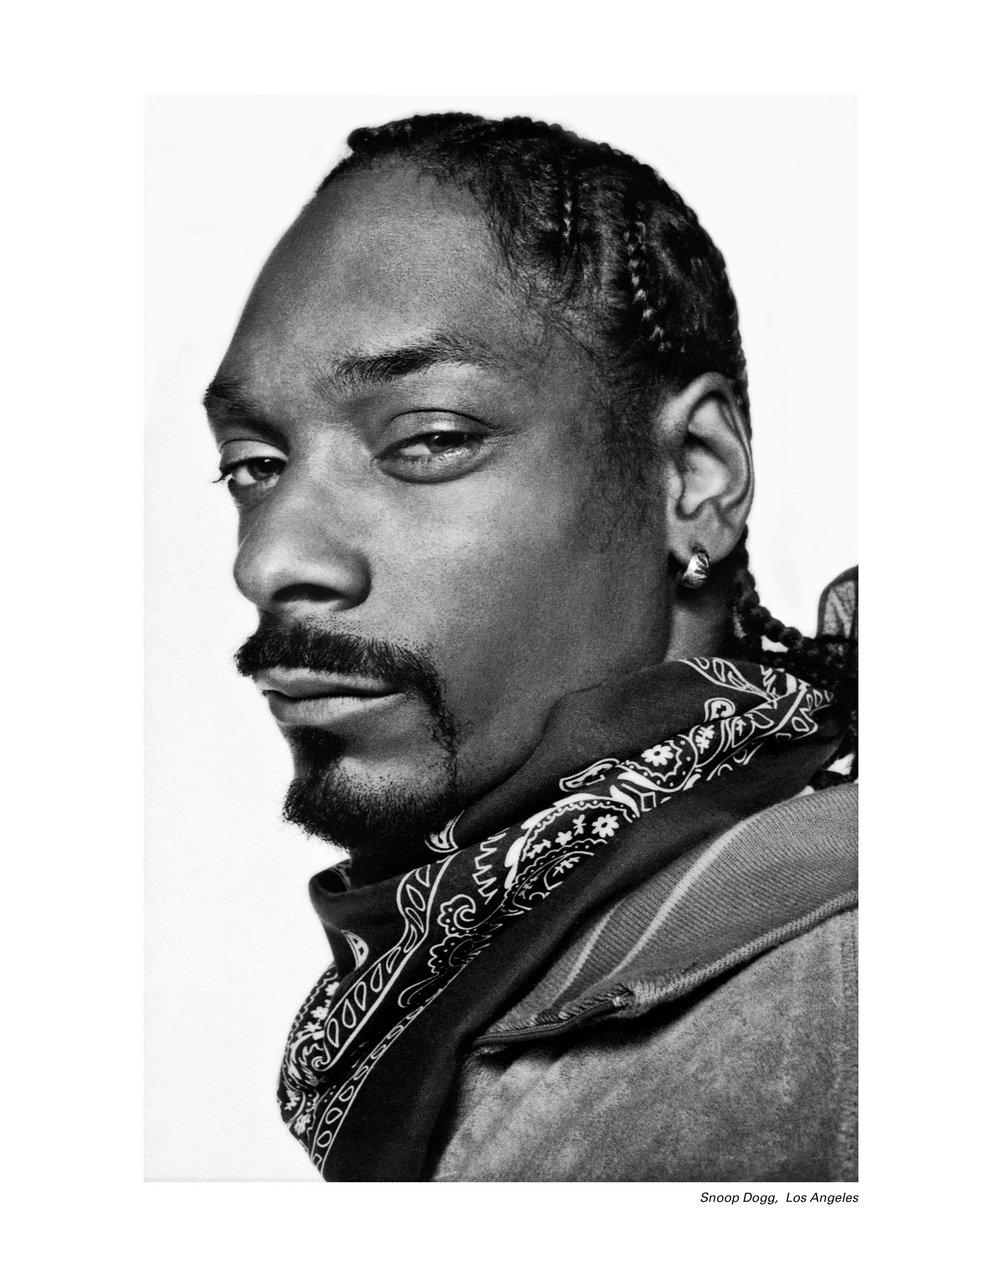 Snoop_Dogg_Los_Angeles_Variation_14.jpg